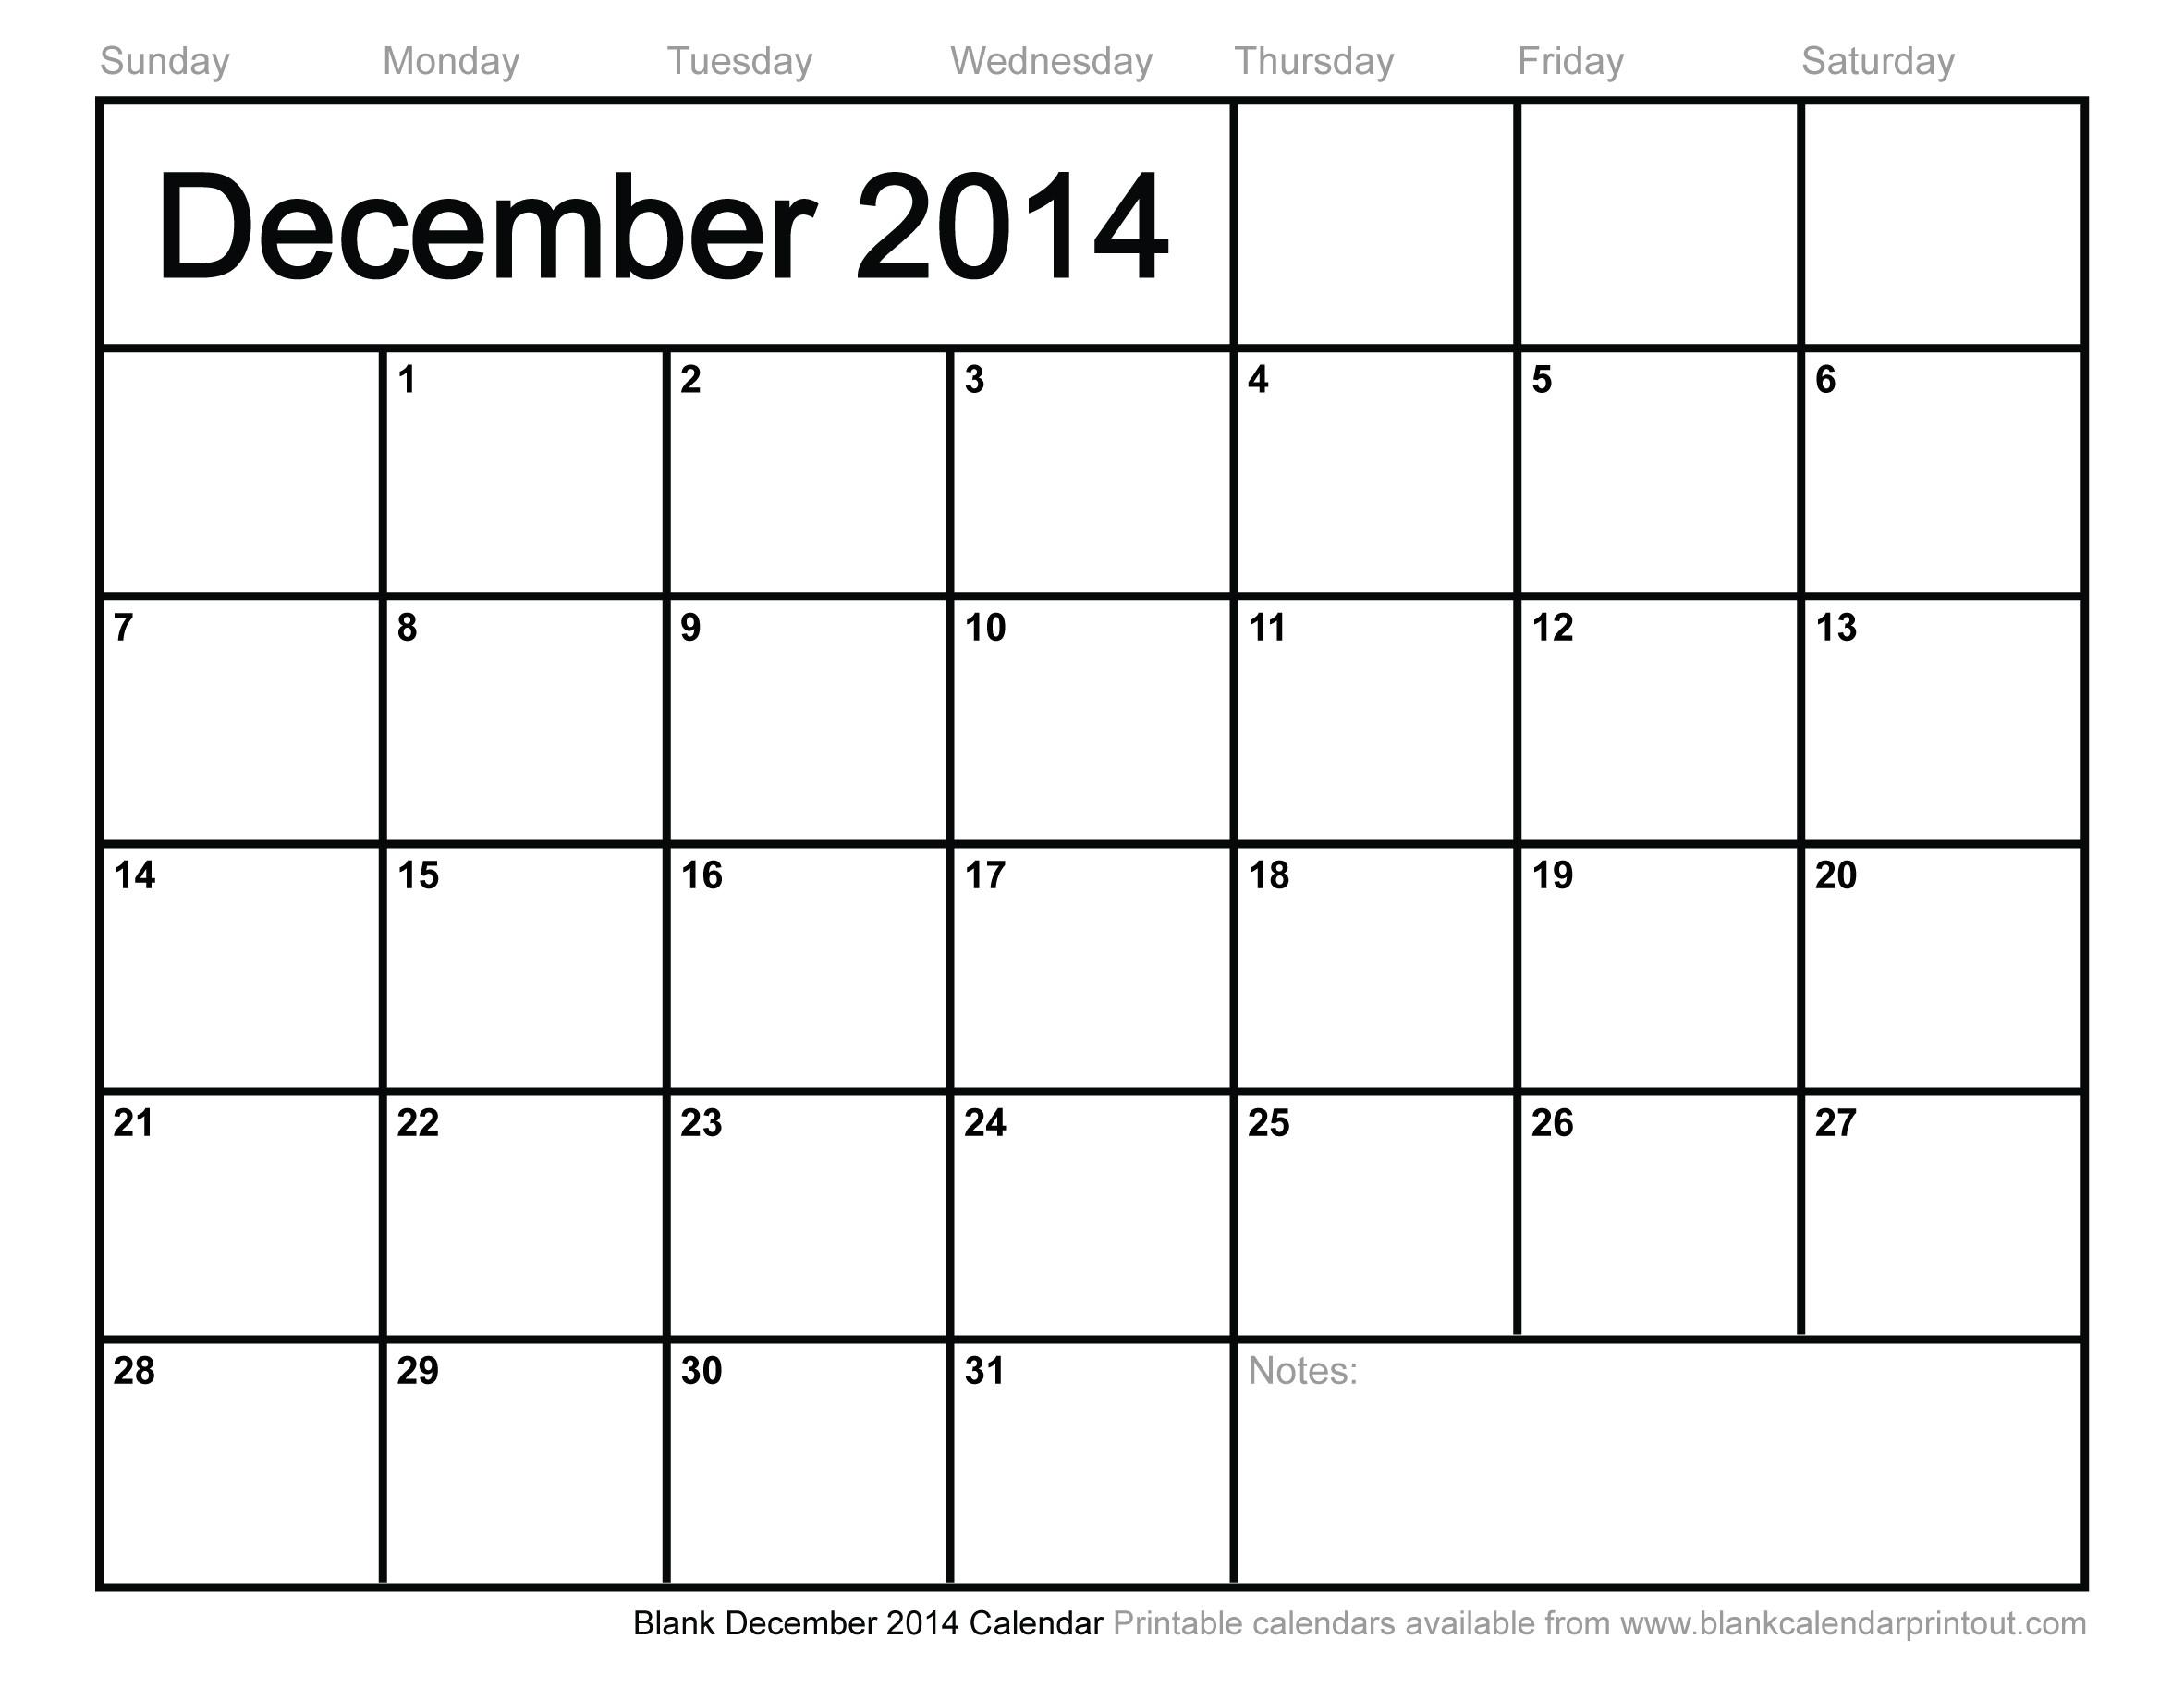 blank december calendar 2014